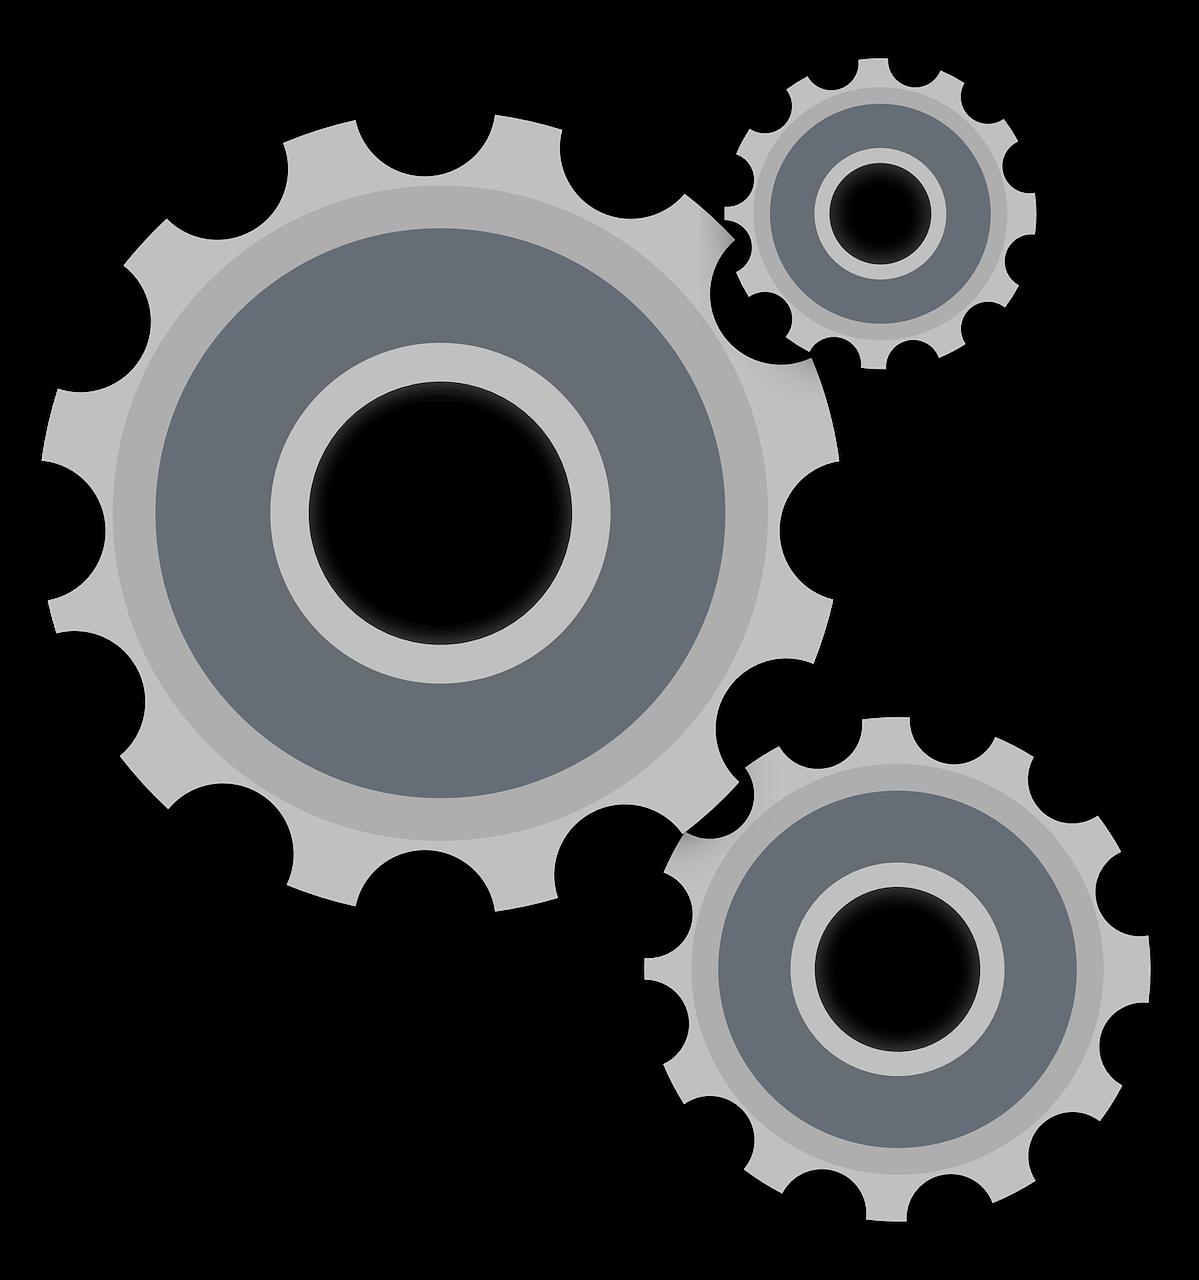 Cog wheel tools rack. Gear clipart cogwheel